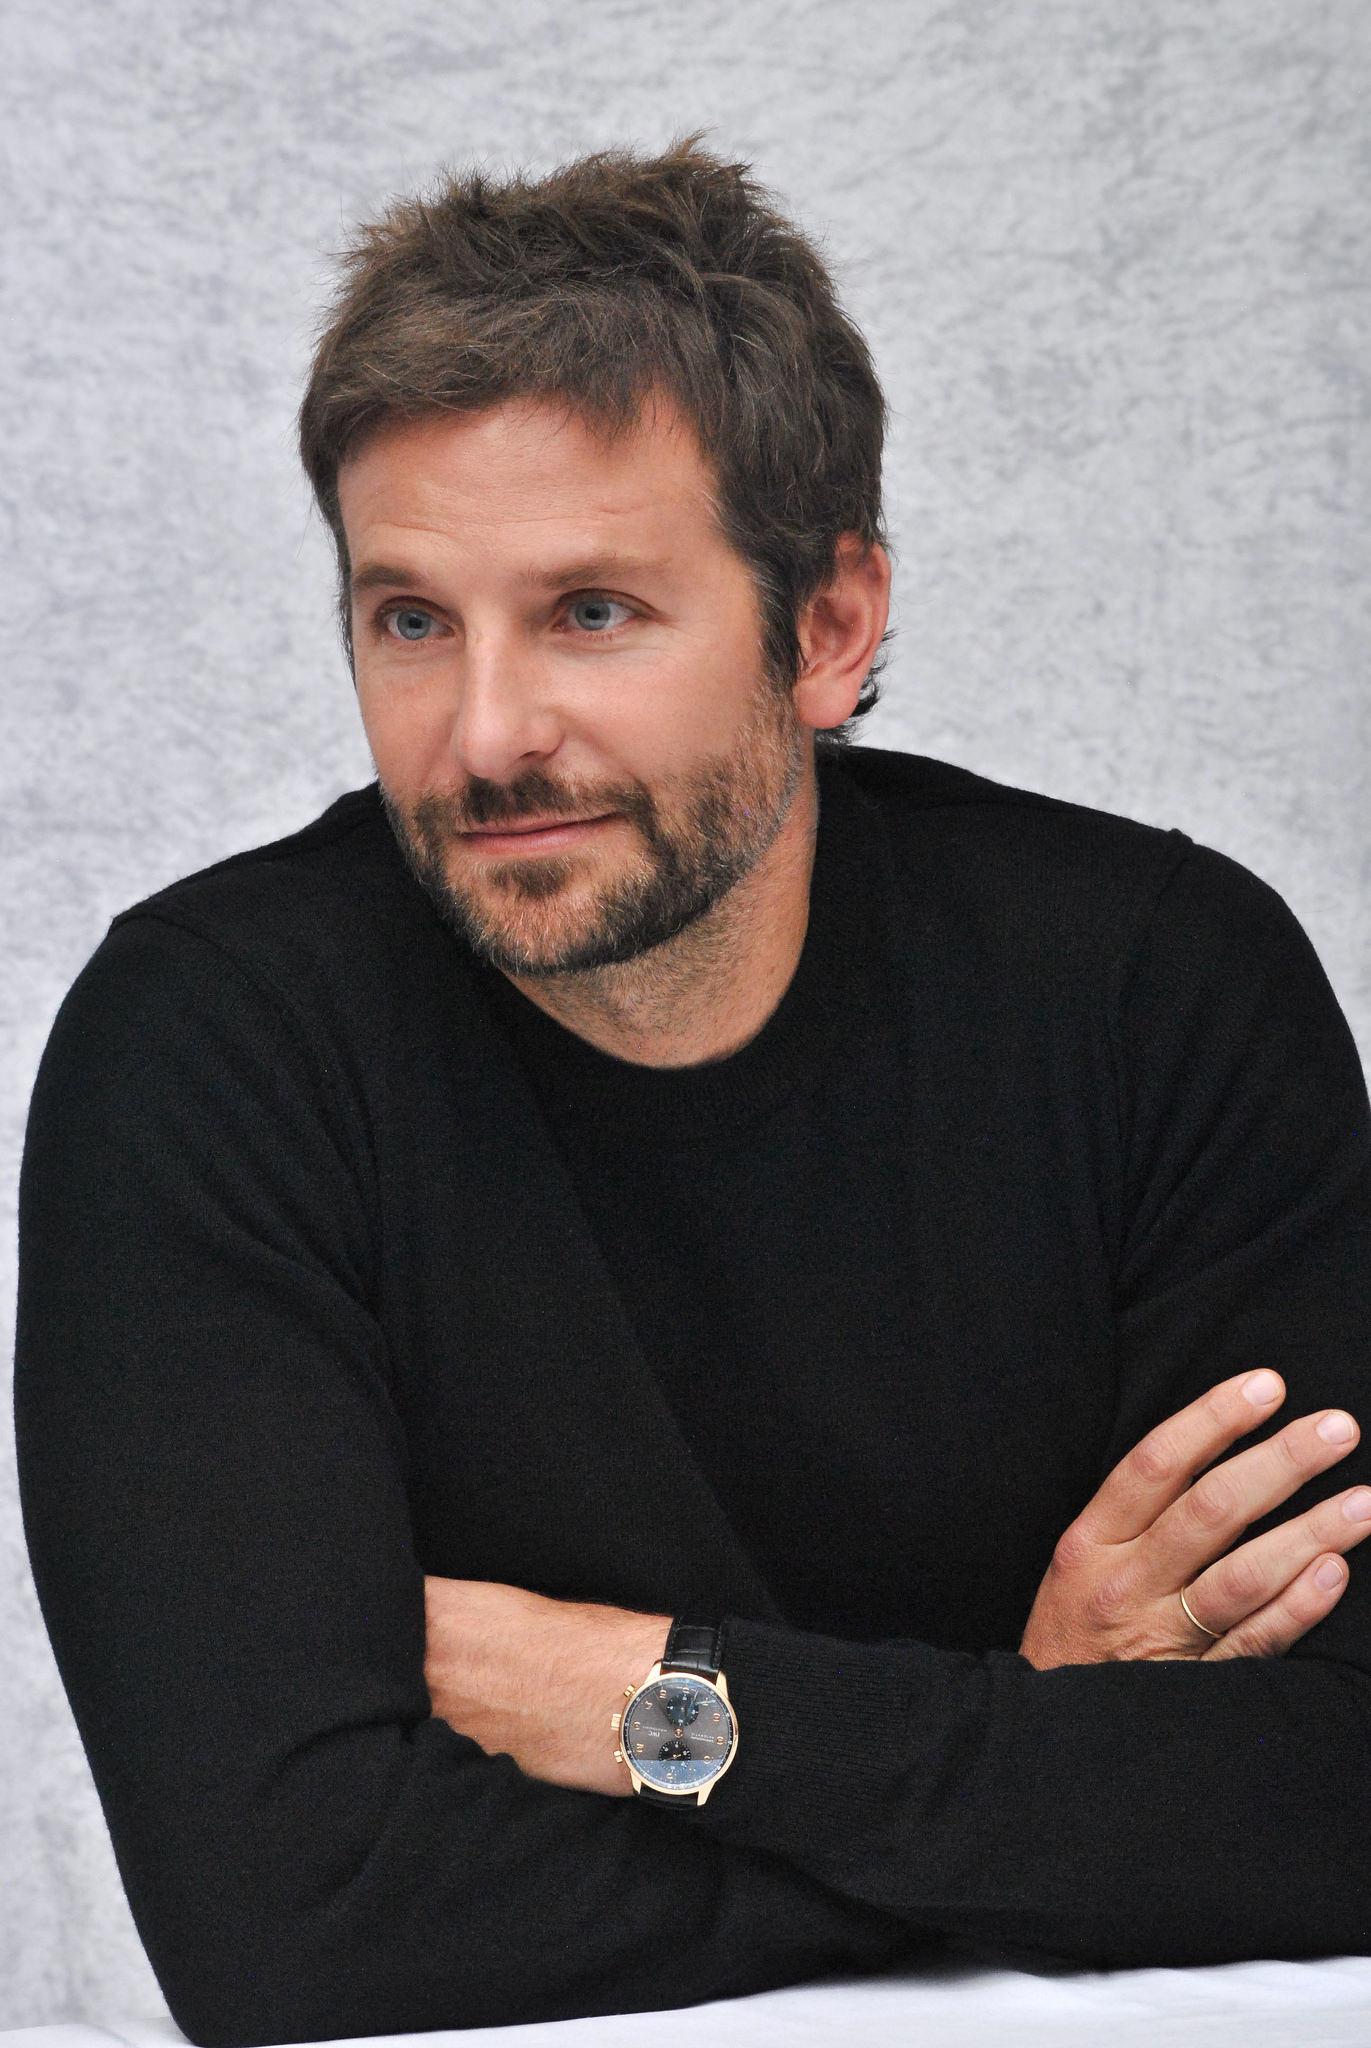 Bradley Cooper photo 2... Bradley Cooper Md